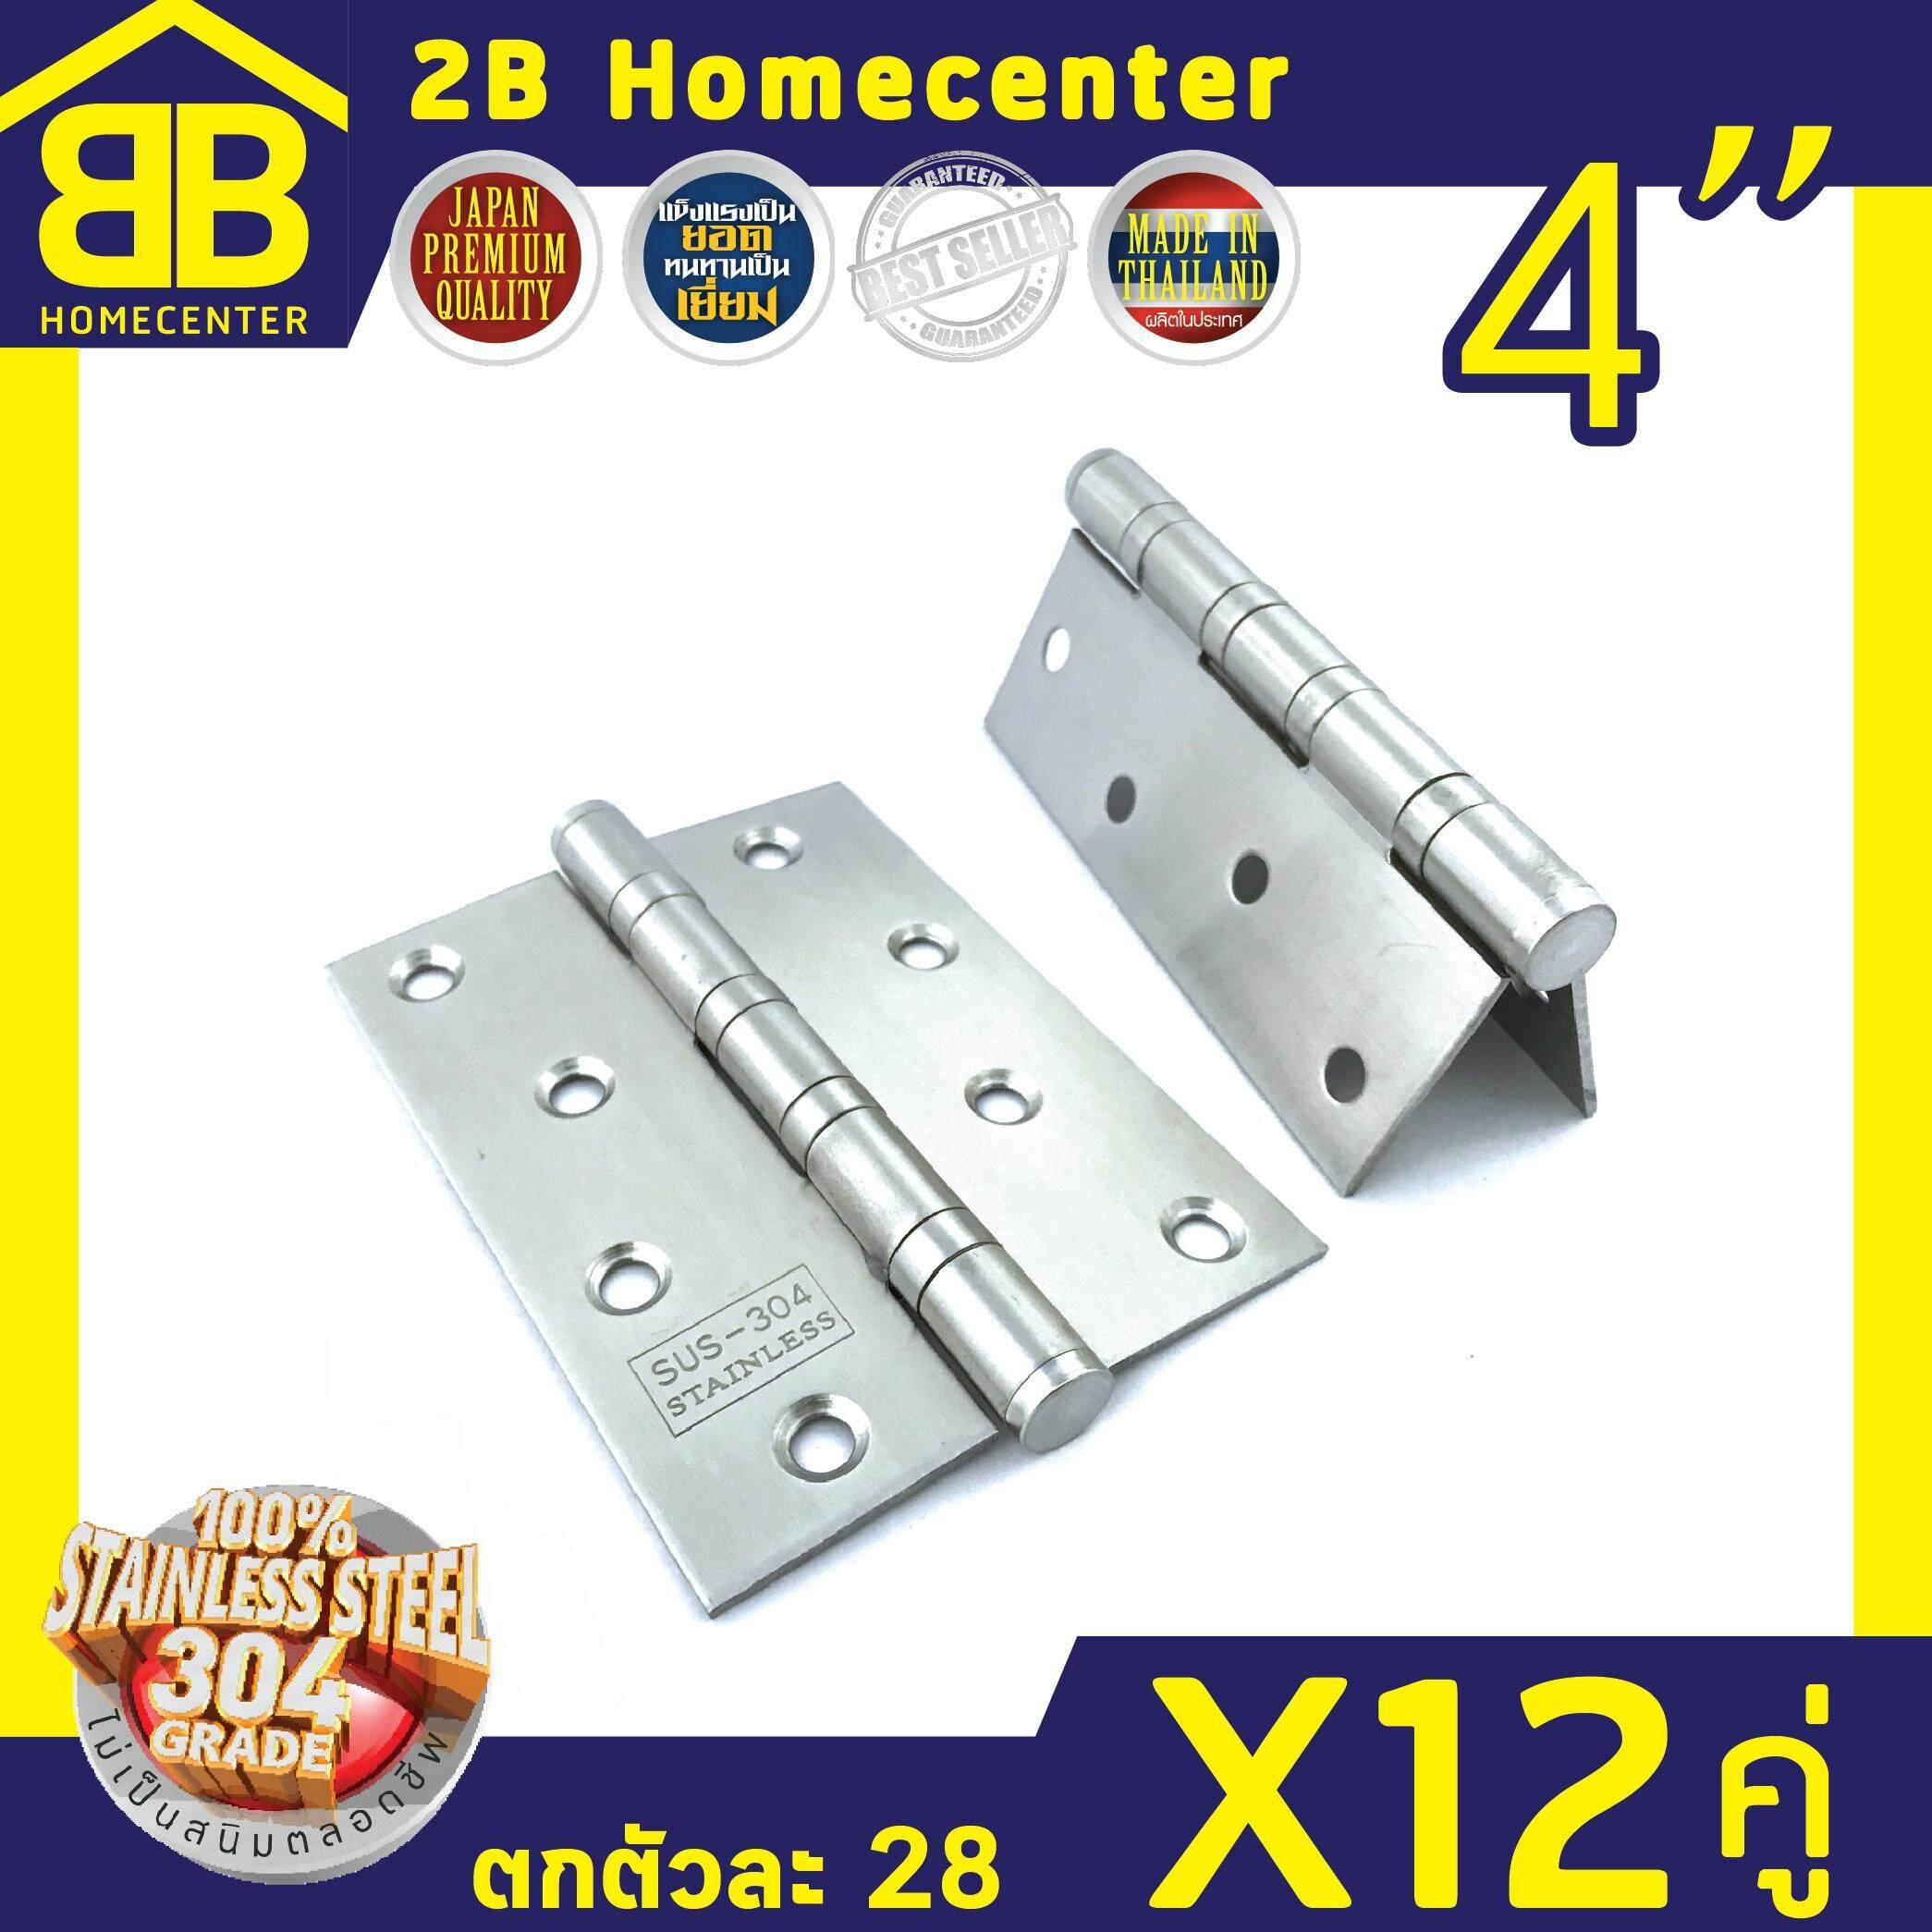 """บานพับแหวนใหญ่ บานพับประตูหน้าต่าง สแตนเลสแท้ 2Bhomecenter NO.919-4""""(SS)(12ชุด/24ตัว) ตกตัวละ 28บาท"""